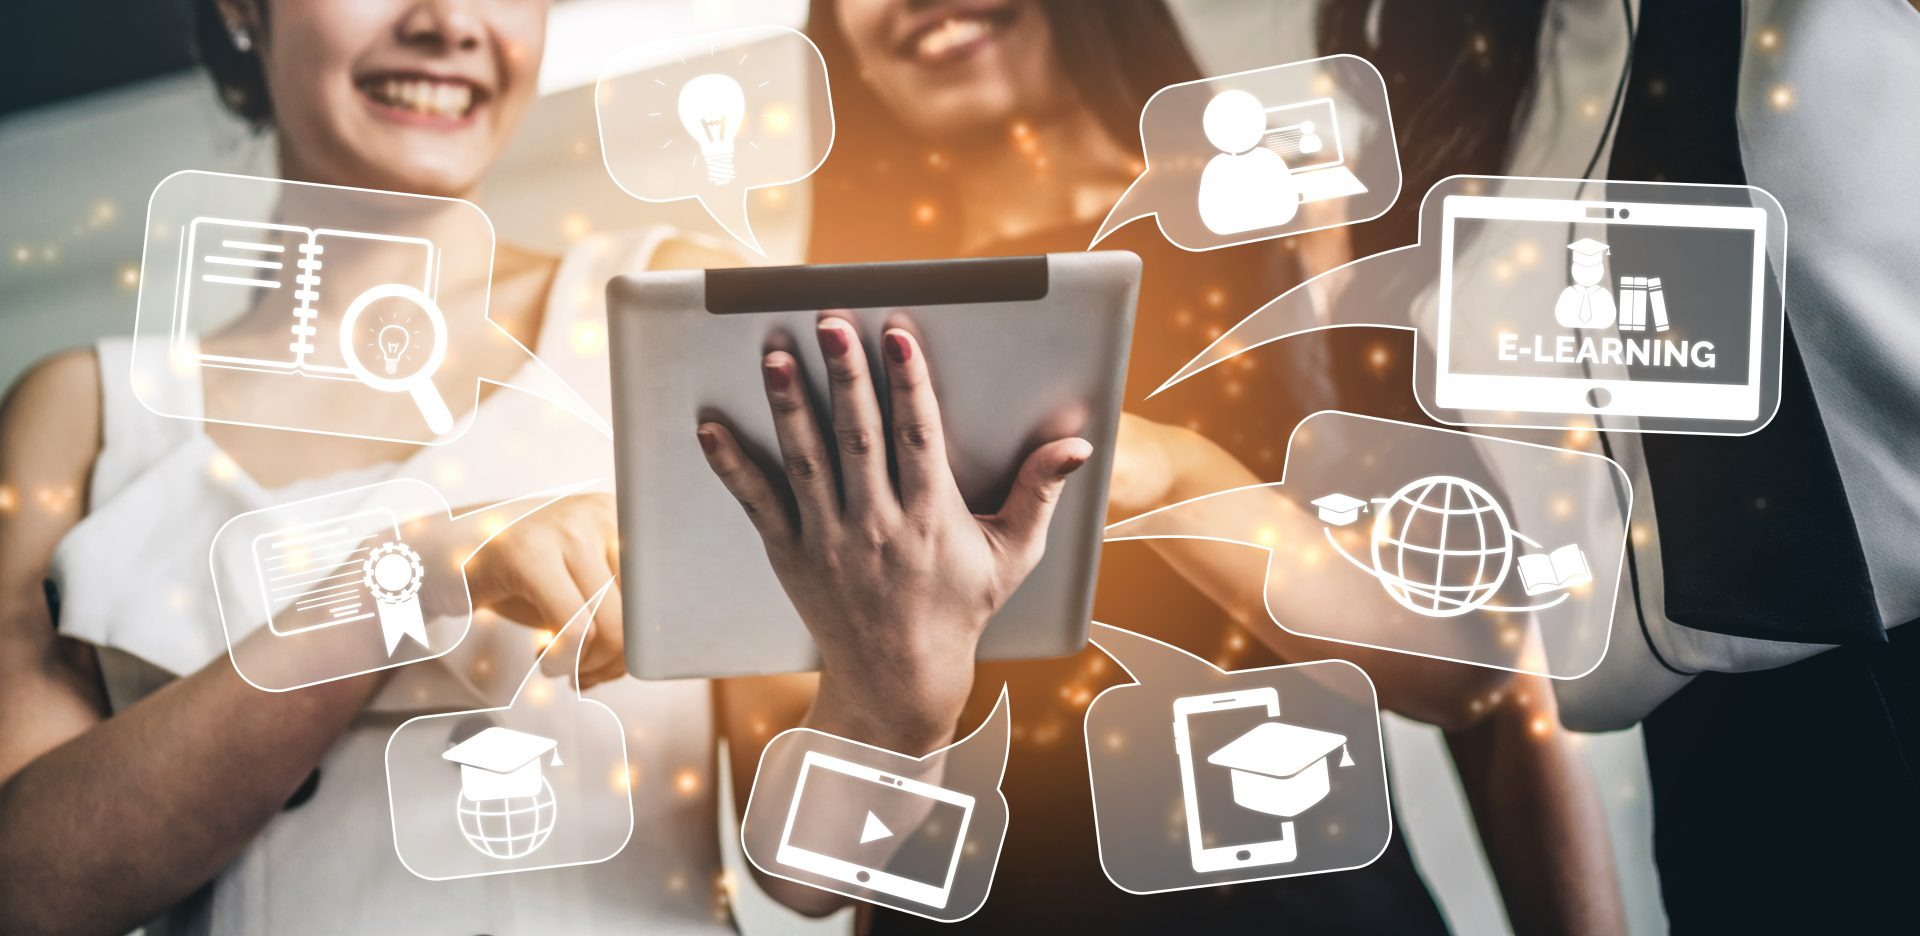 E-learning und Online Education zwei Frauen vor Tablet